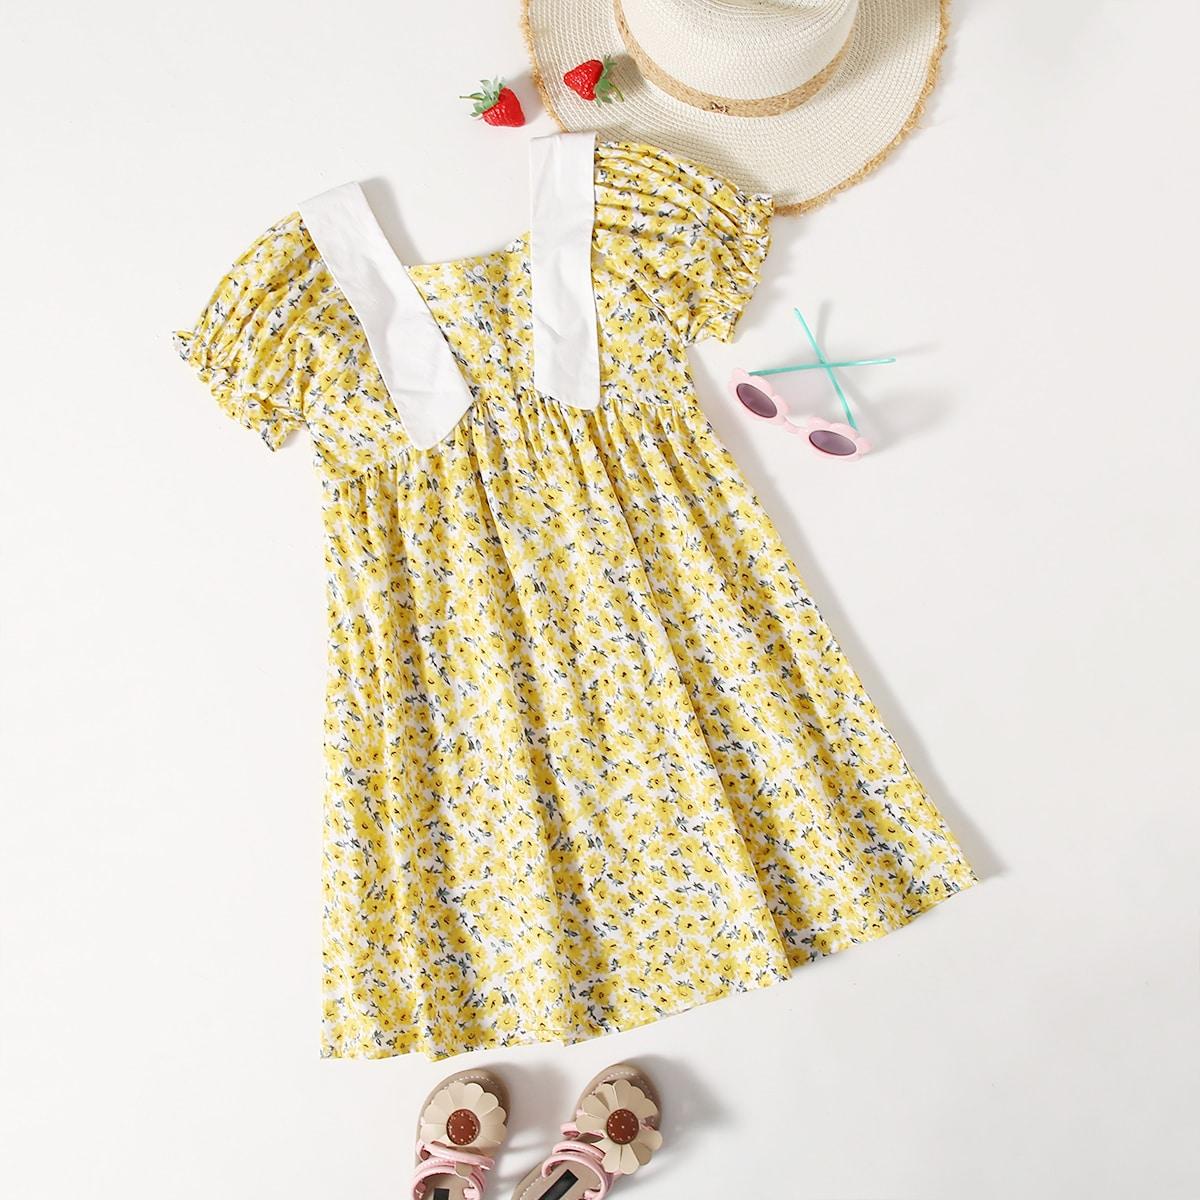 Kleid mit Puffärmeln, Blümchen Muster und Falten